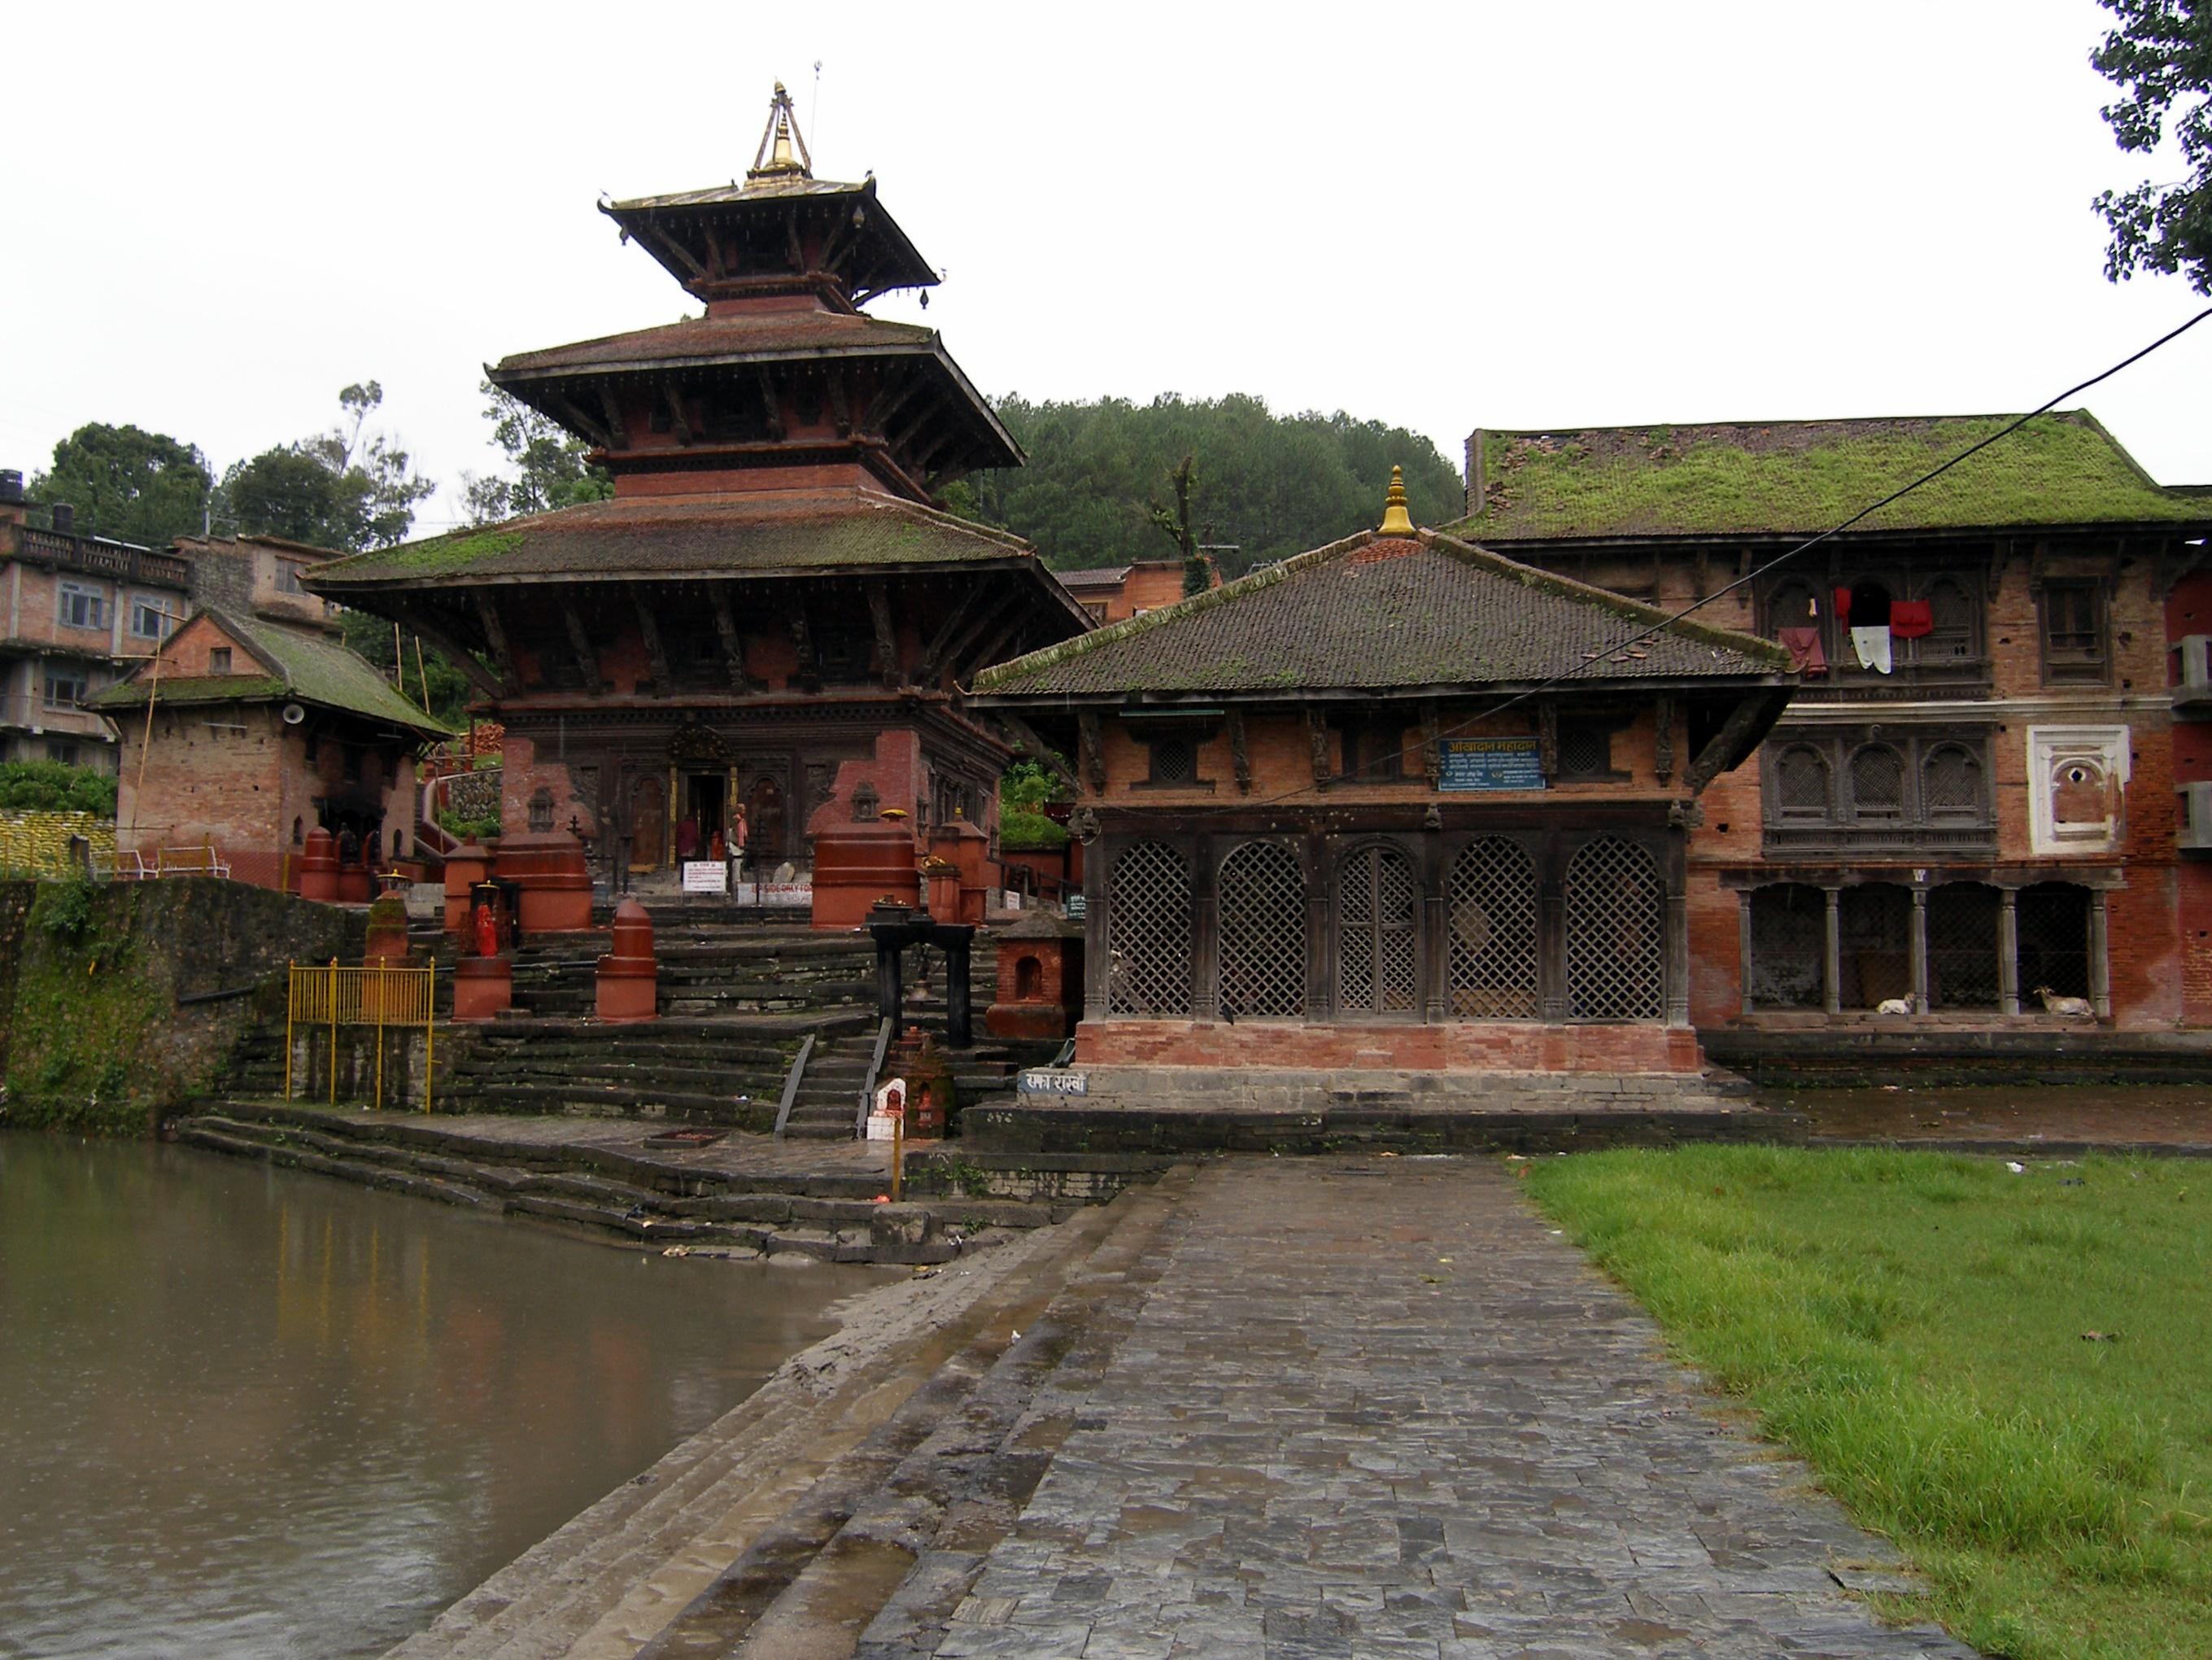 Karnataka Tourism Wonderful Places To Visit New Kids Center